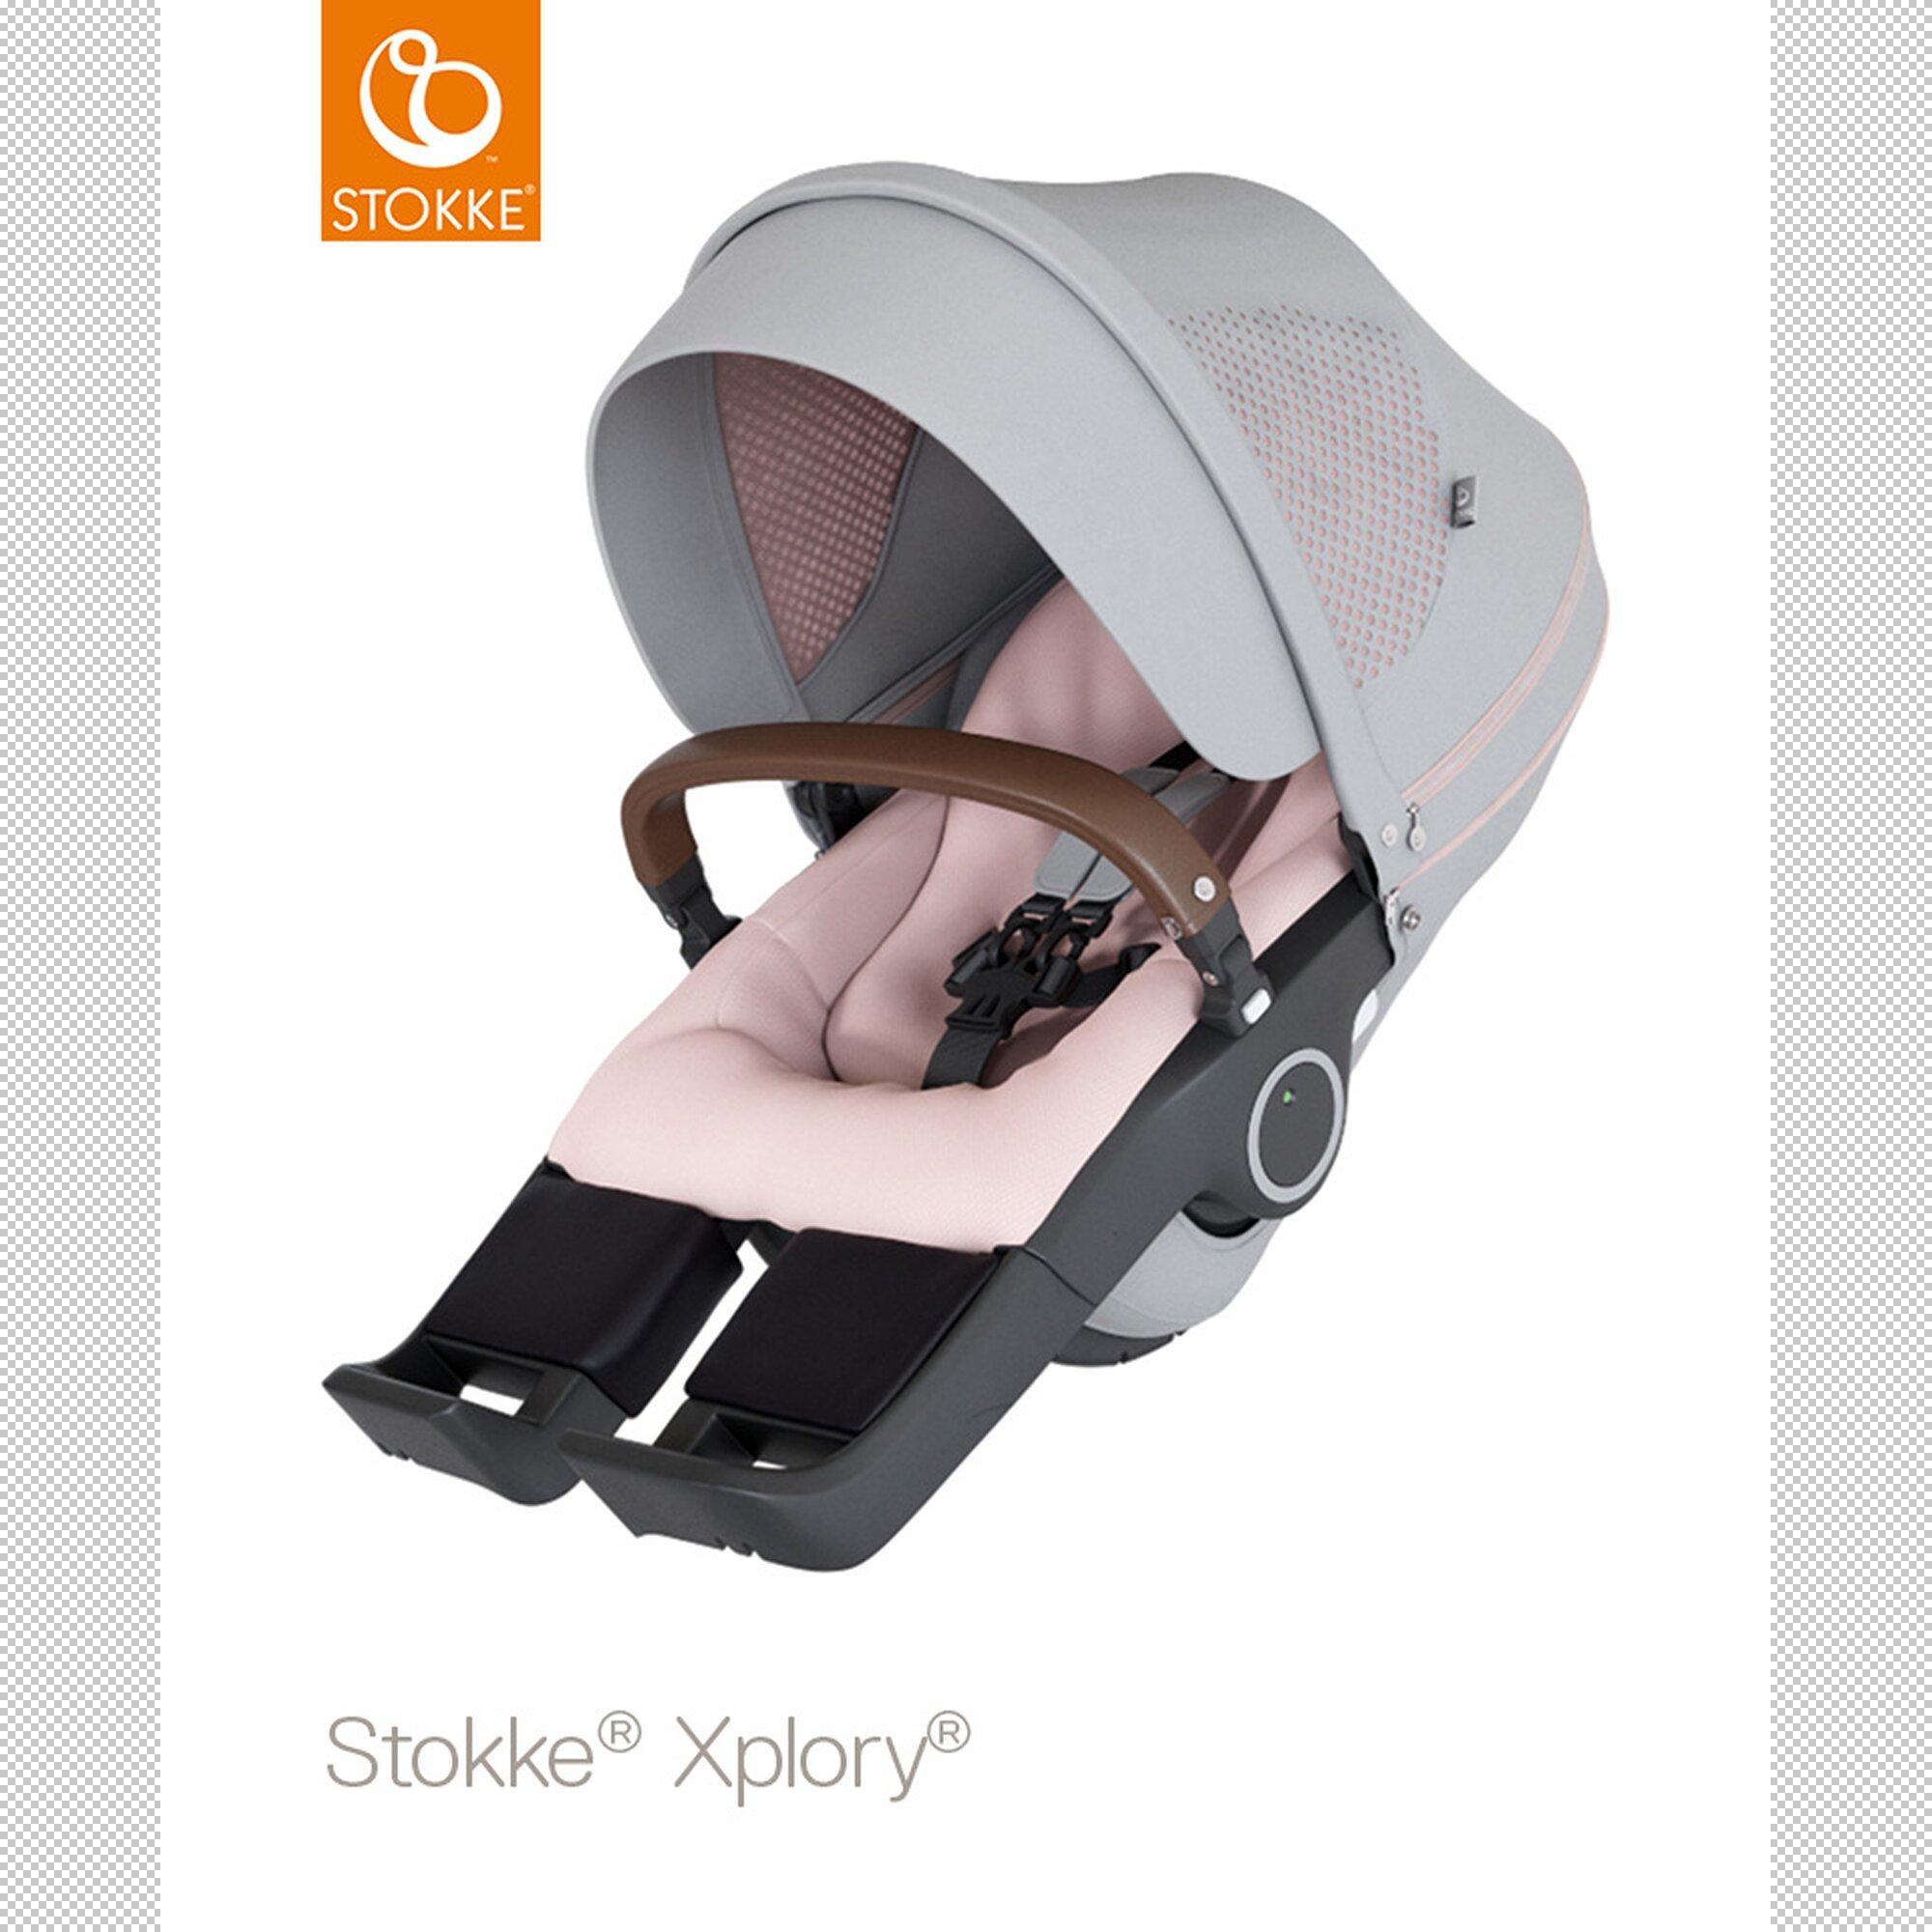 stokke-sitzaufsatz-fur-xplory-v6-design-2018